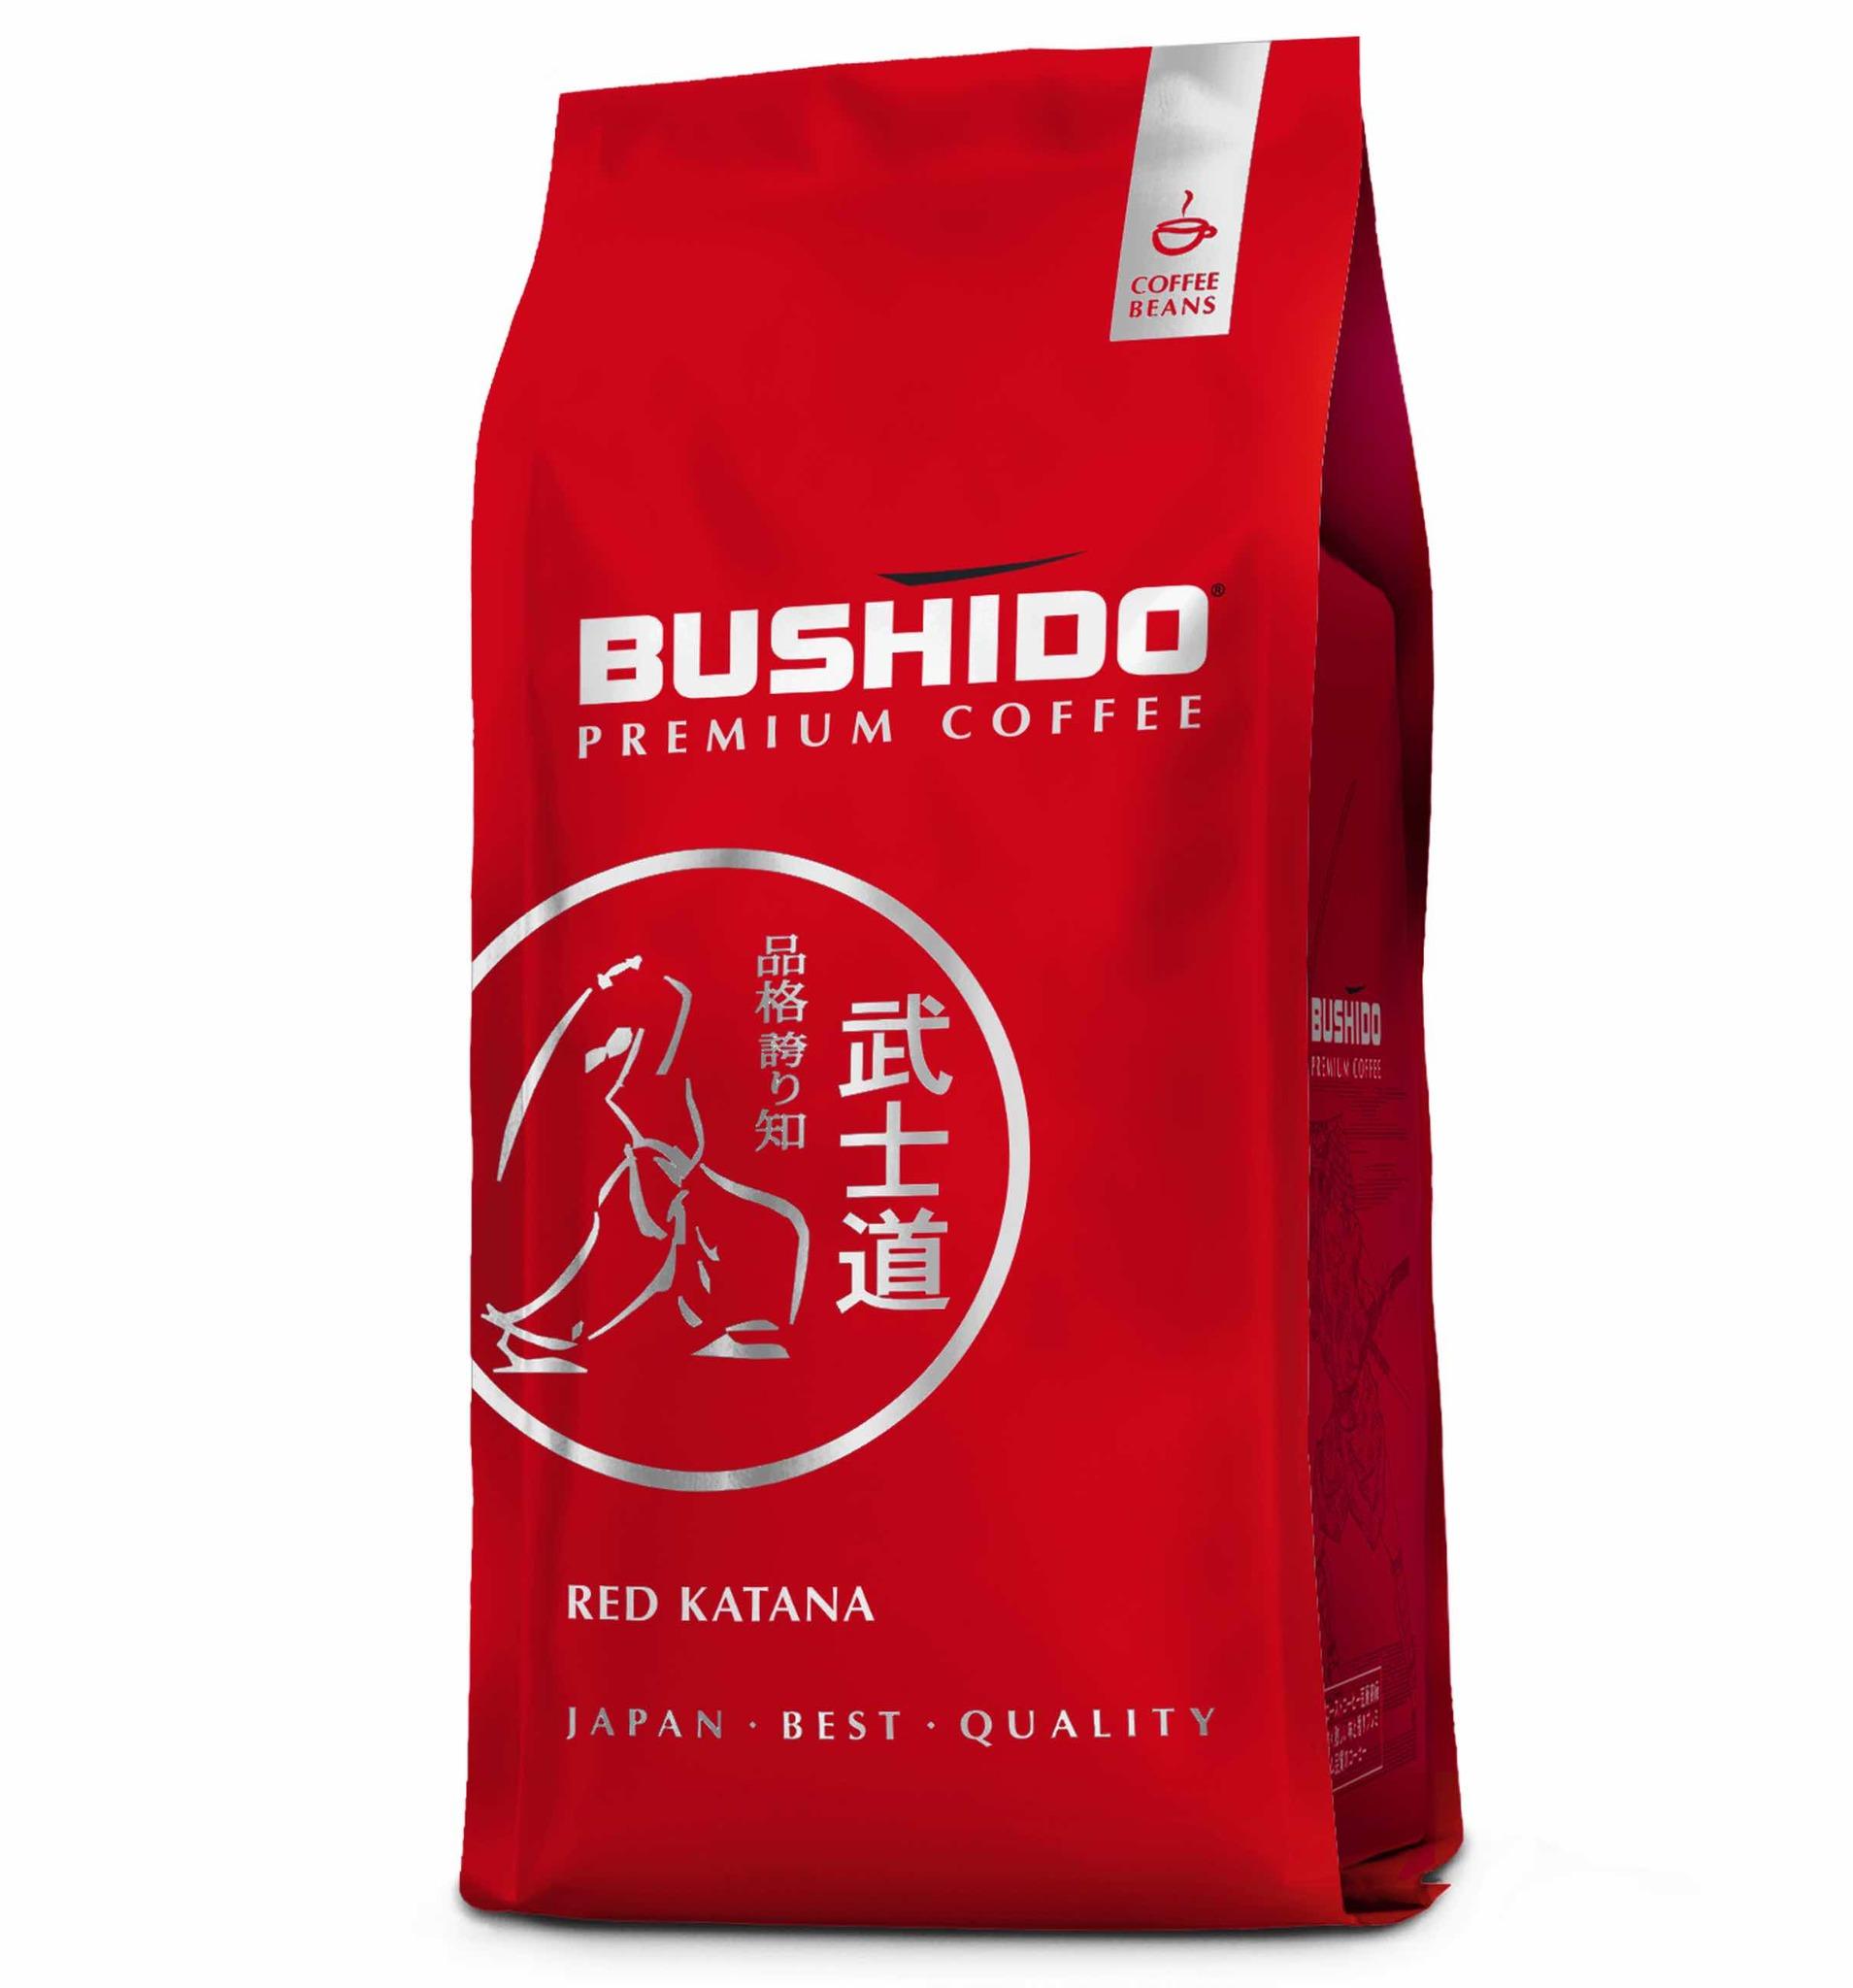 Кофе в зернах Кофе в зернах Red Katana, Bushido, 1 кг import_files_0a_0a6e3d4acb2511eaa9ce484d7ecee297_2f45185ccdab11eaa9ce484d7ecee297.jpg